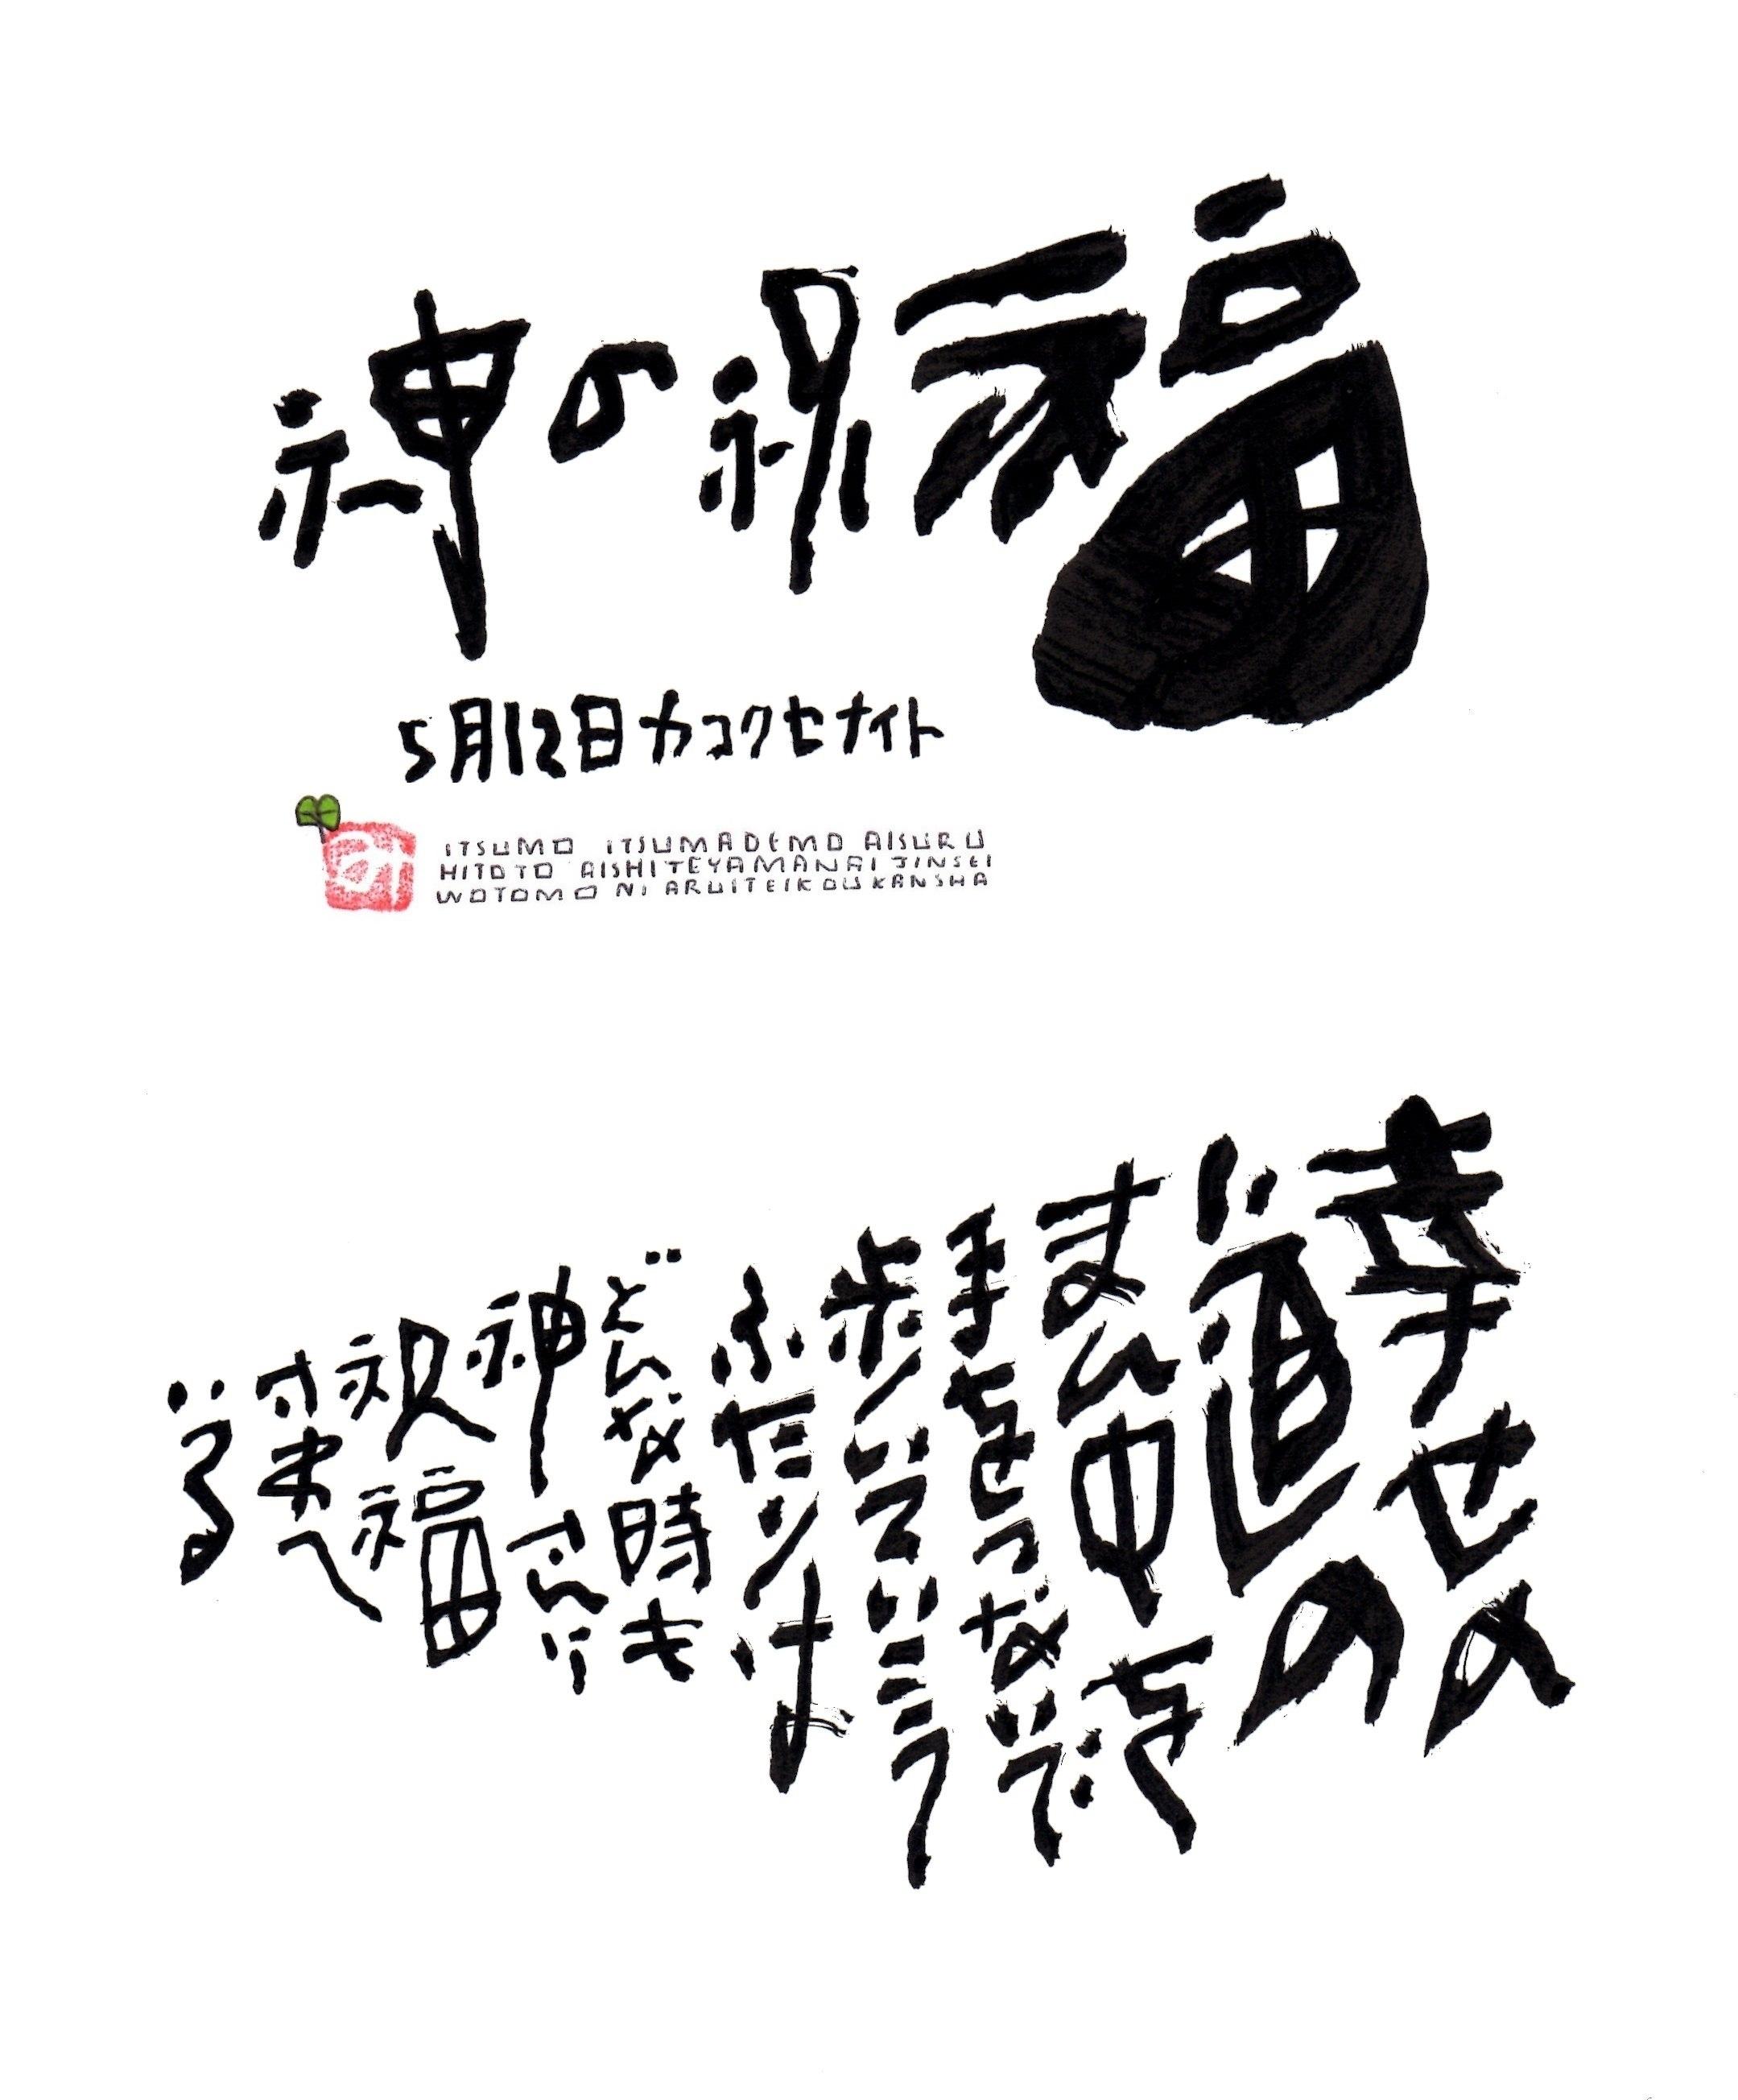 5月12日 結婚記念日ポストカード【神の祝福】